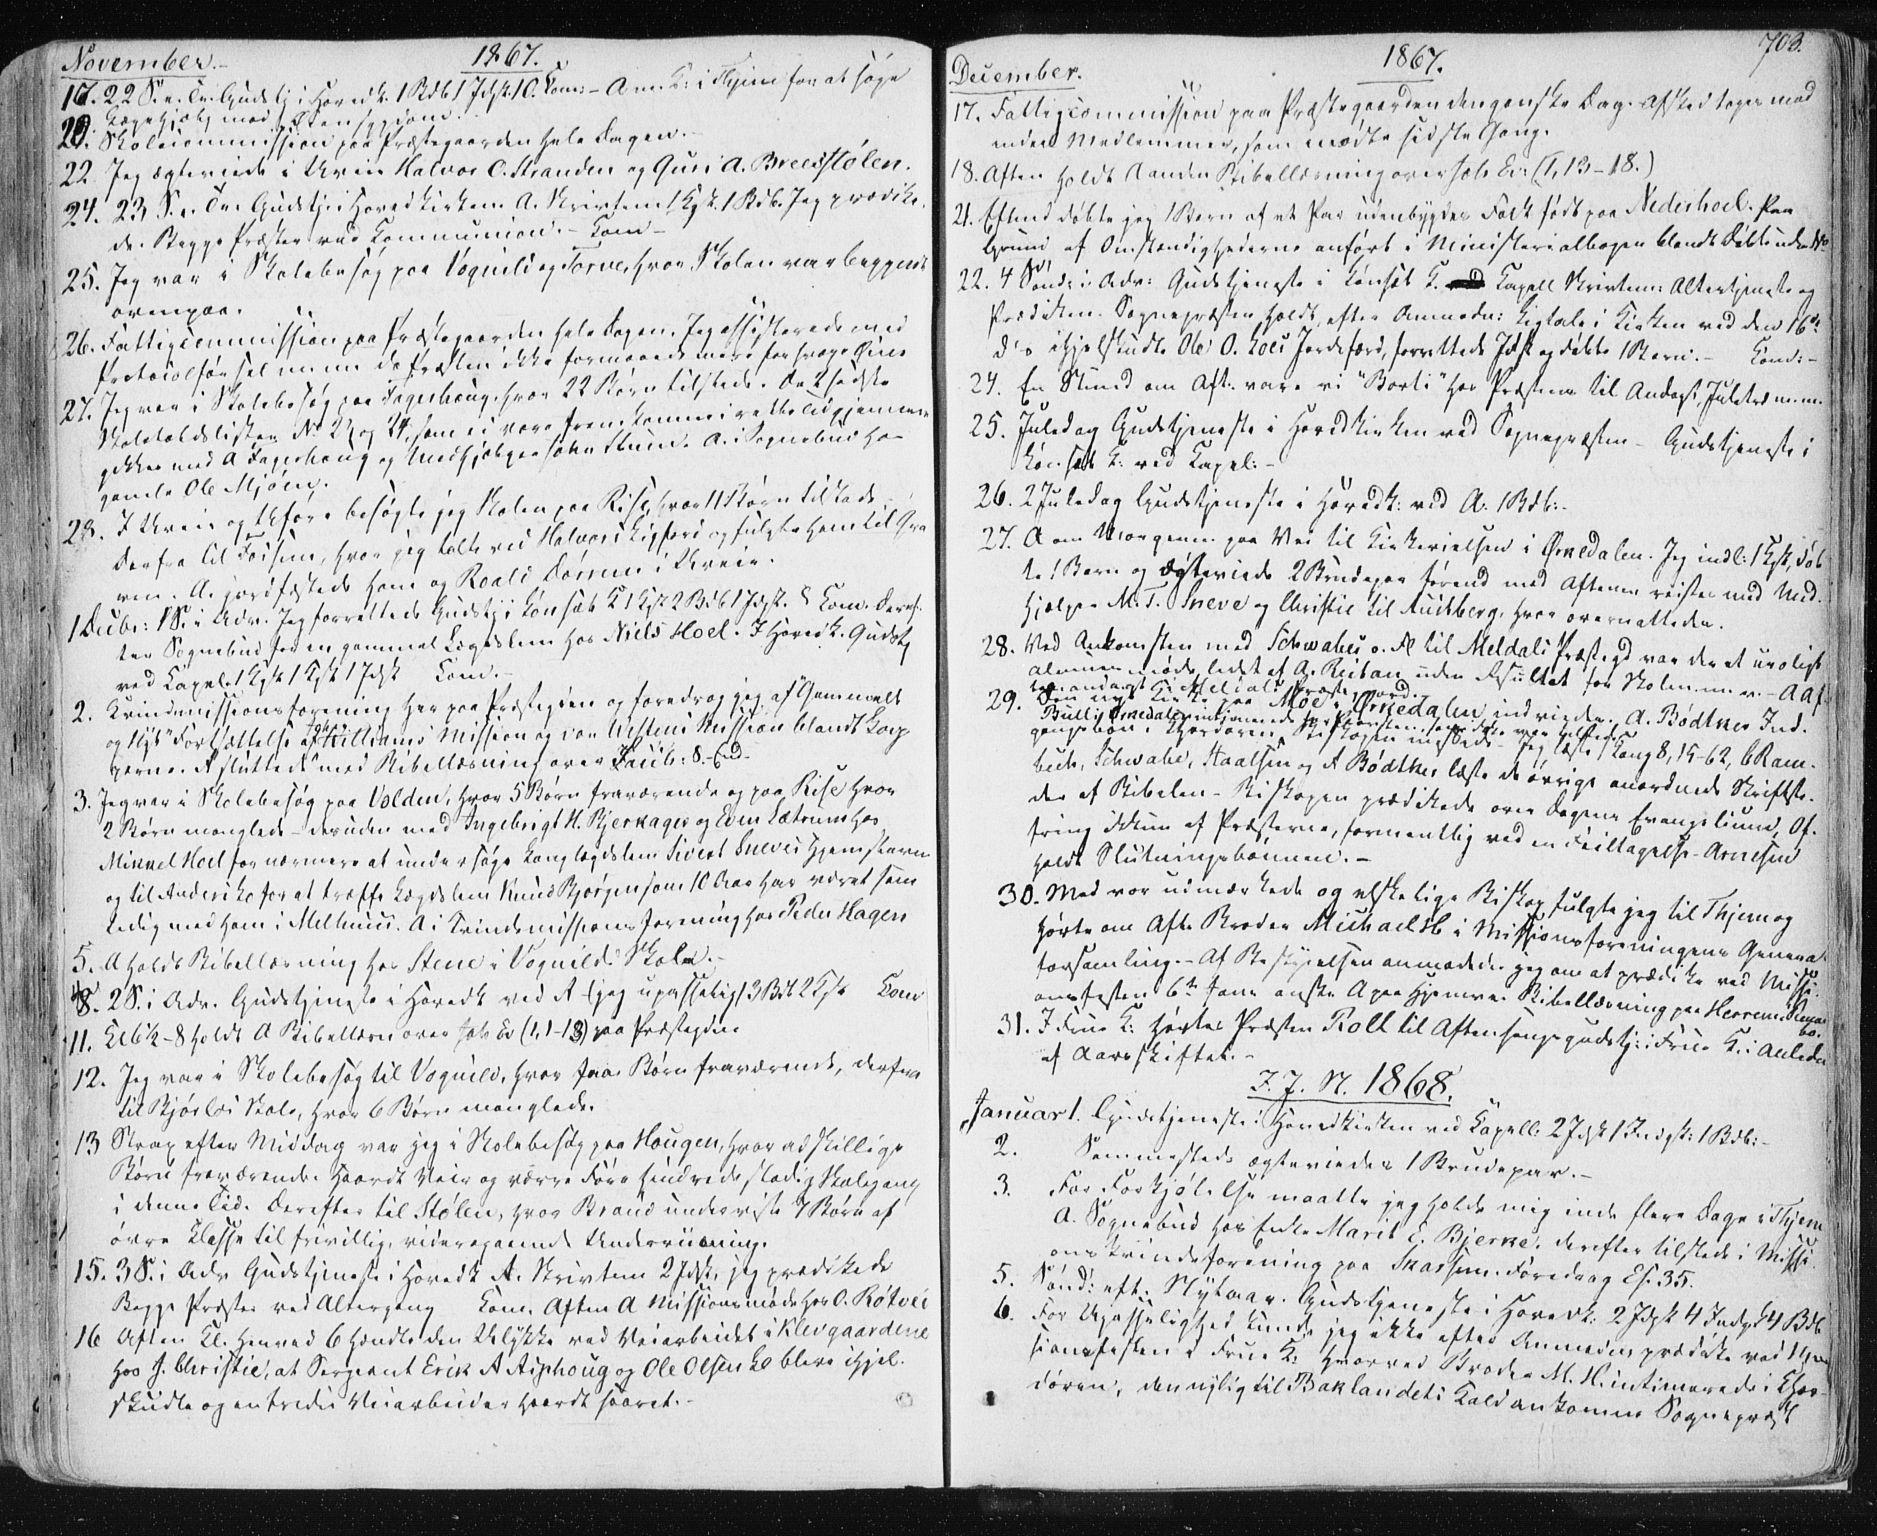 SAT, Ministerialprotokoller, klokkerbøker og fødselsregistre - Sør-Trøndelag, 678/L0899: Ministerialbok nr. 678A08, 1848-1872, s. 703